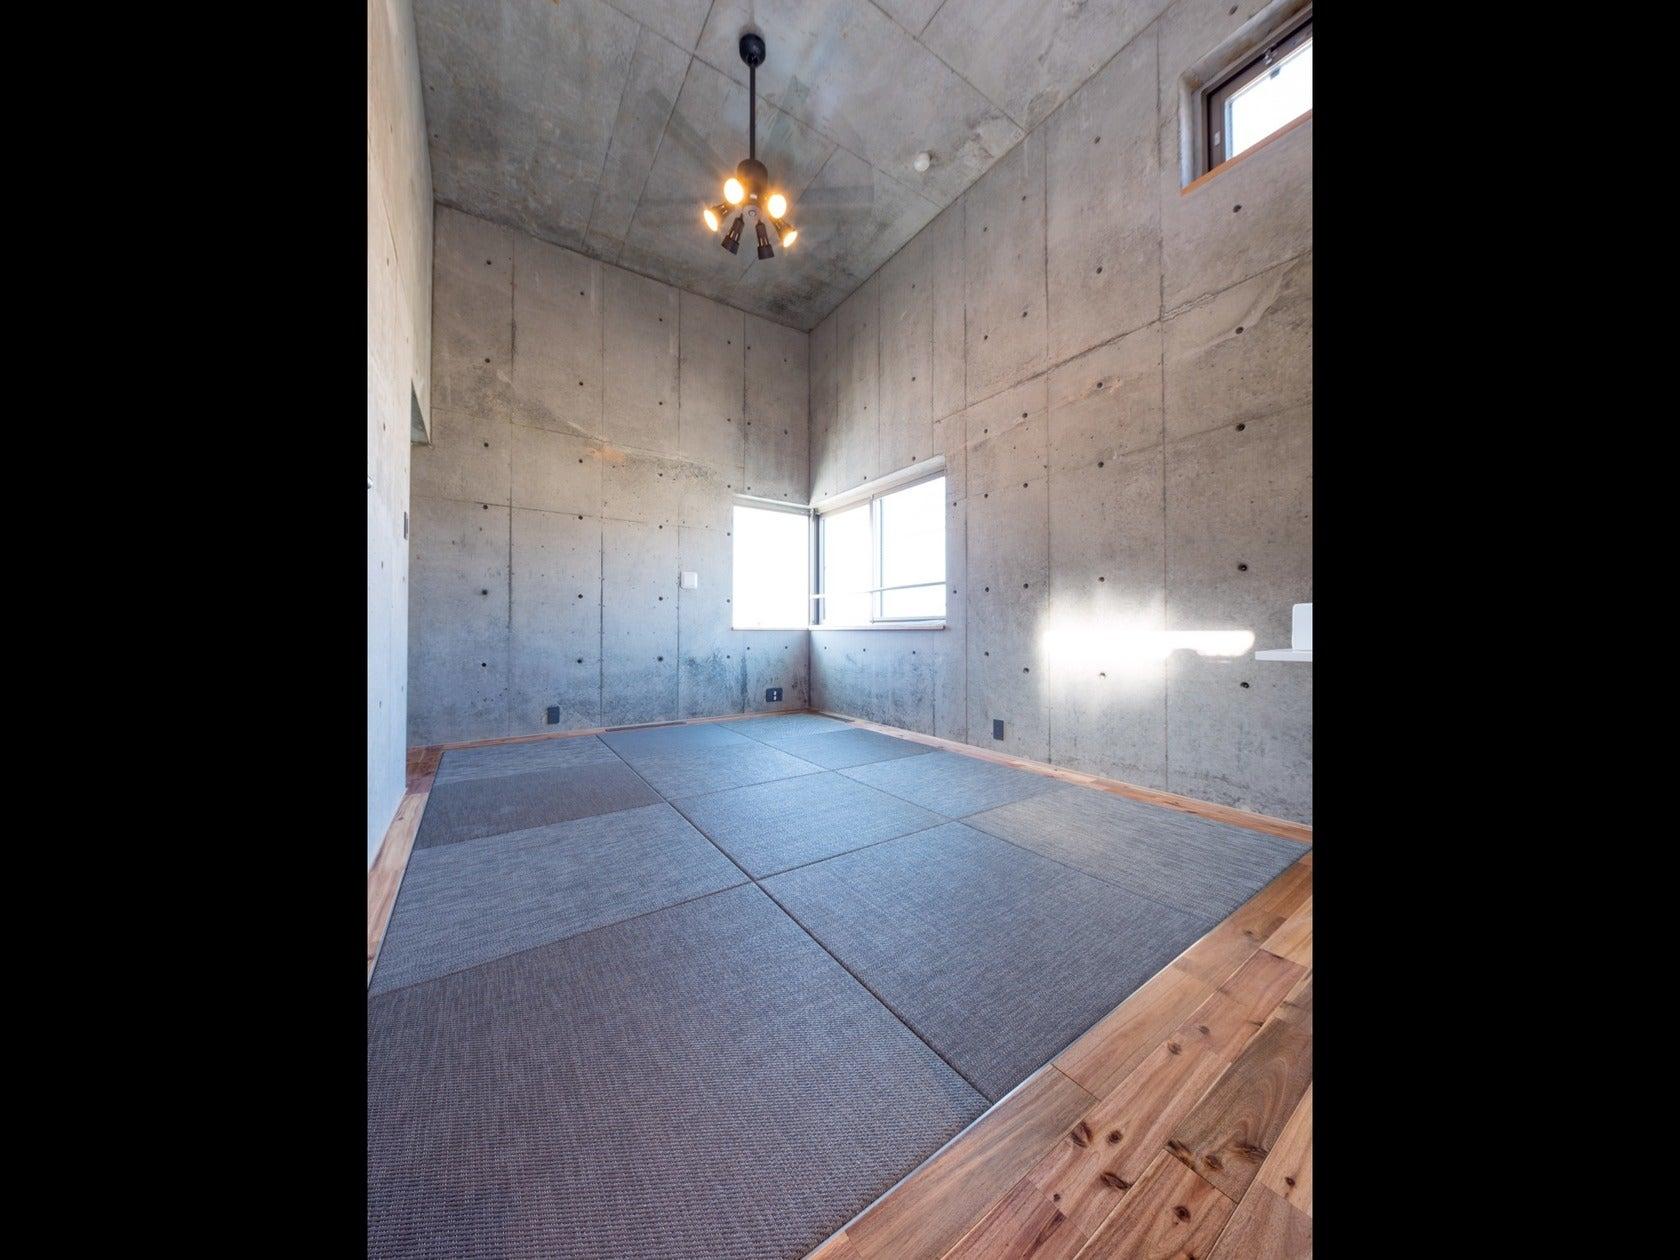 RC打ちっ放しの天井高4m おしゃれな空間で撮影・イベント・会議・セミナー・レッスンなどに。(RC打ちっ放しの天井高4m おしゃれな空間でパーティー・撮影・イベント・会議・セミナーなどに。) の写真0